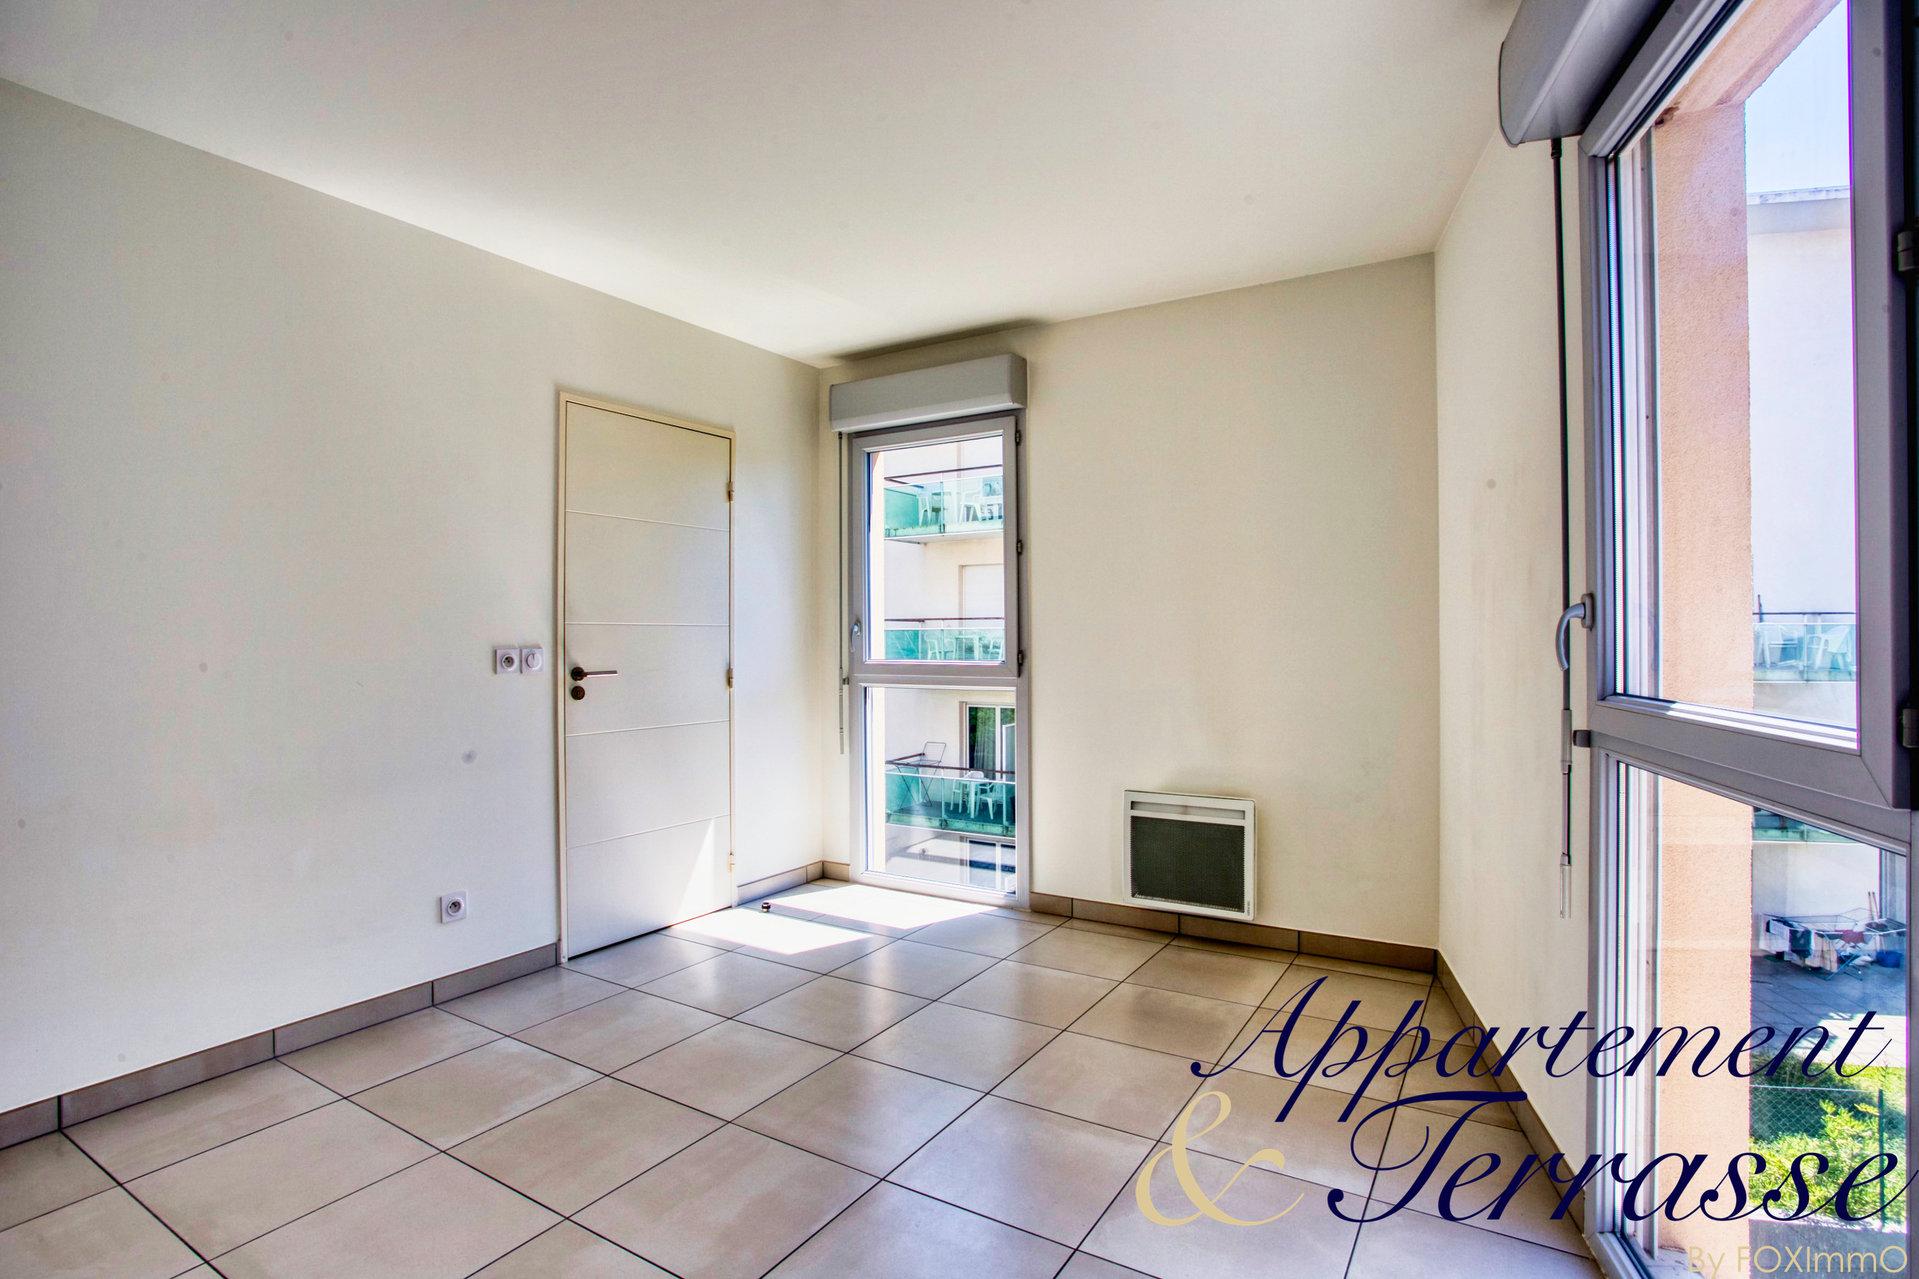 Appartement 2P 41 m² avec terrasse au sud et garage